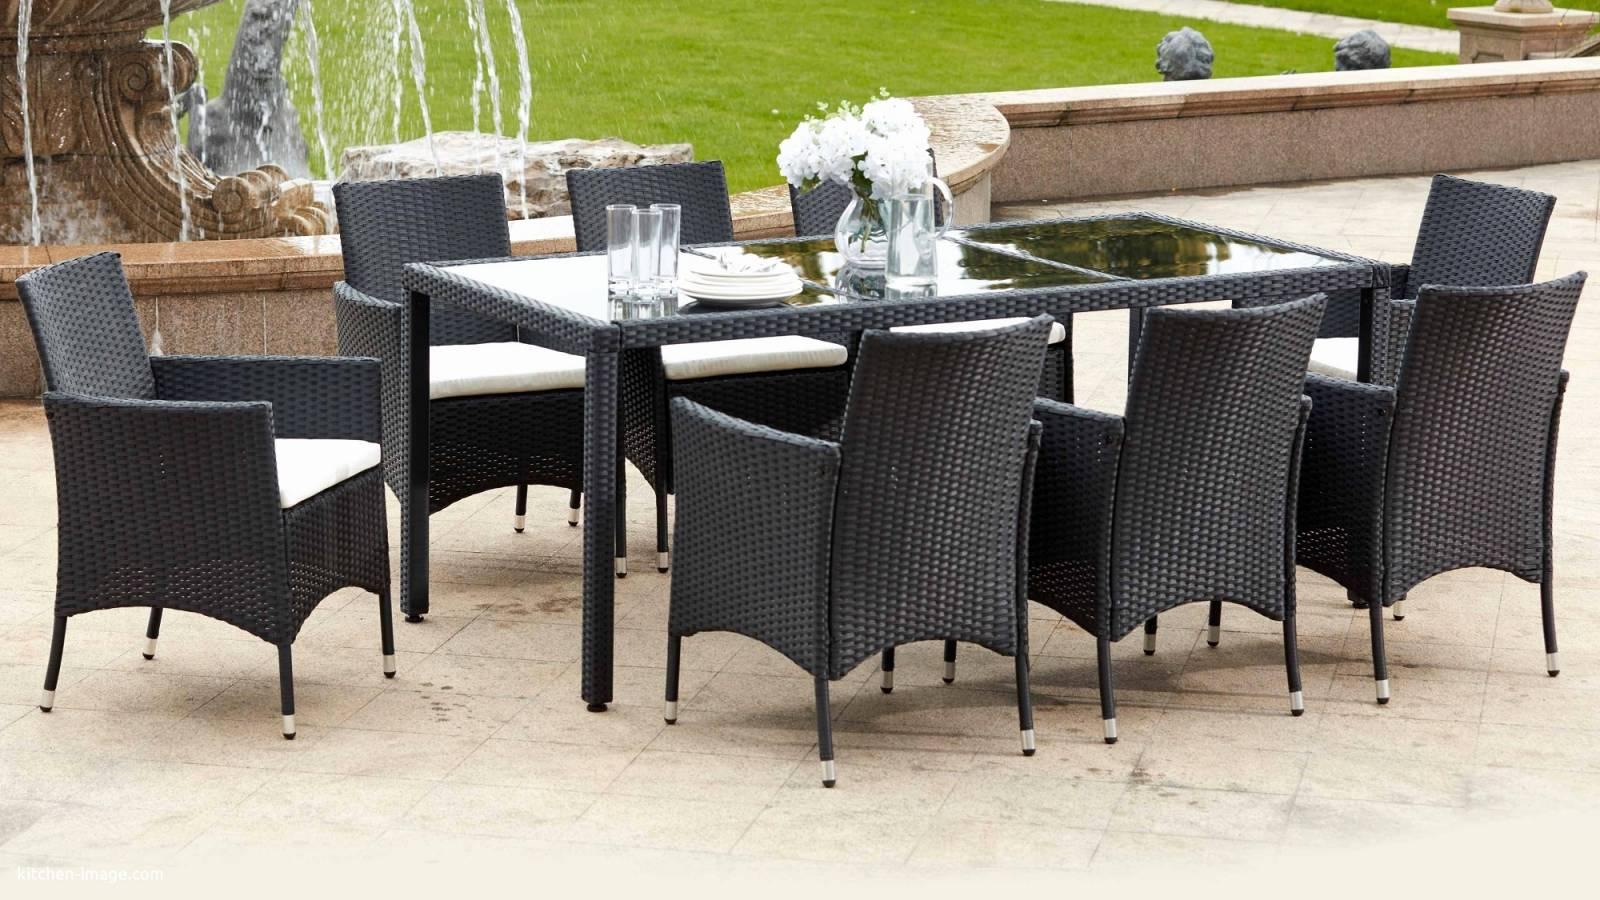 Vente De Salons De Jardin Pour Votre Terrasse Proche ... destiné Table De Jardin Bricomarché